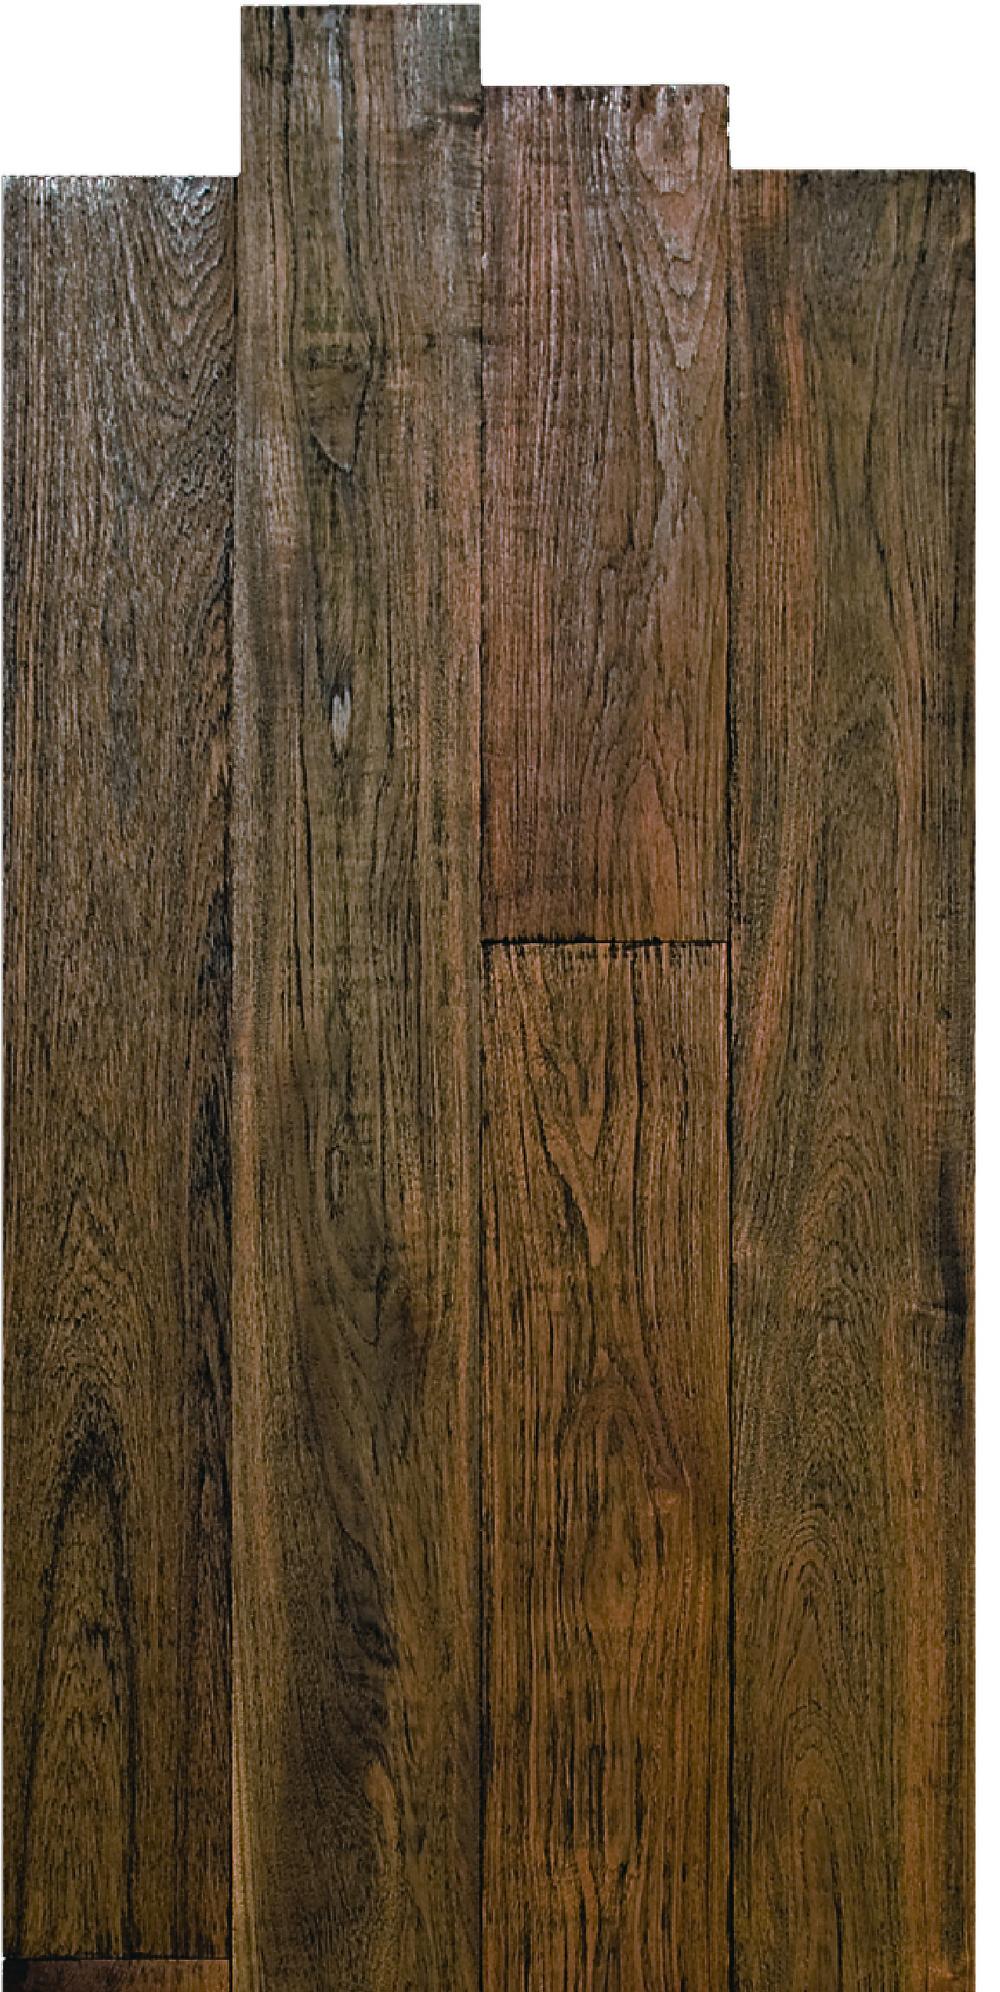 Plank Line Series PL 005 Teak